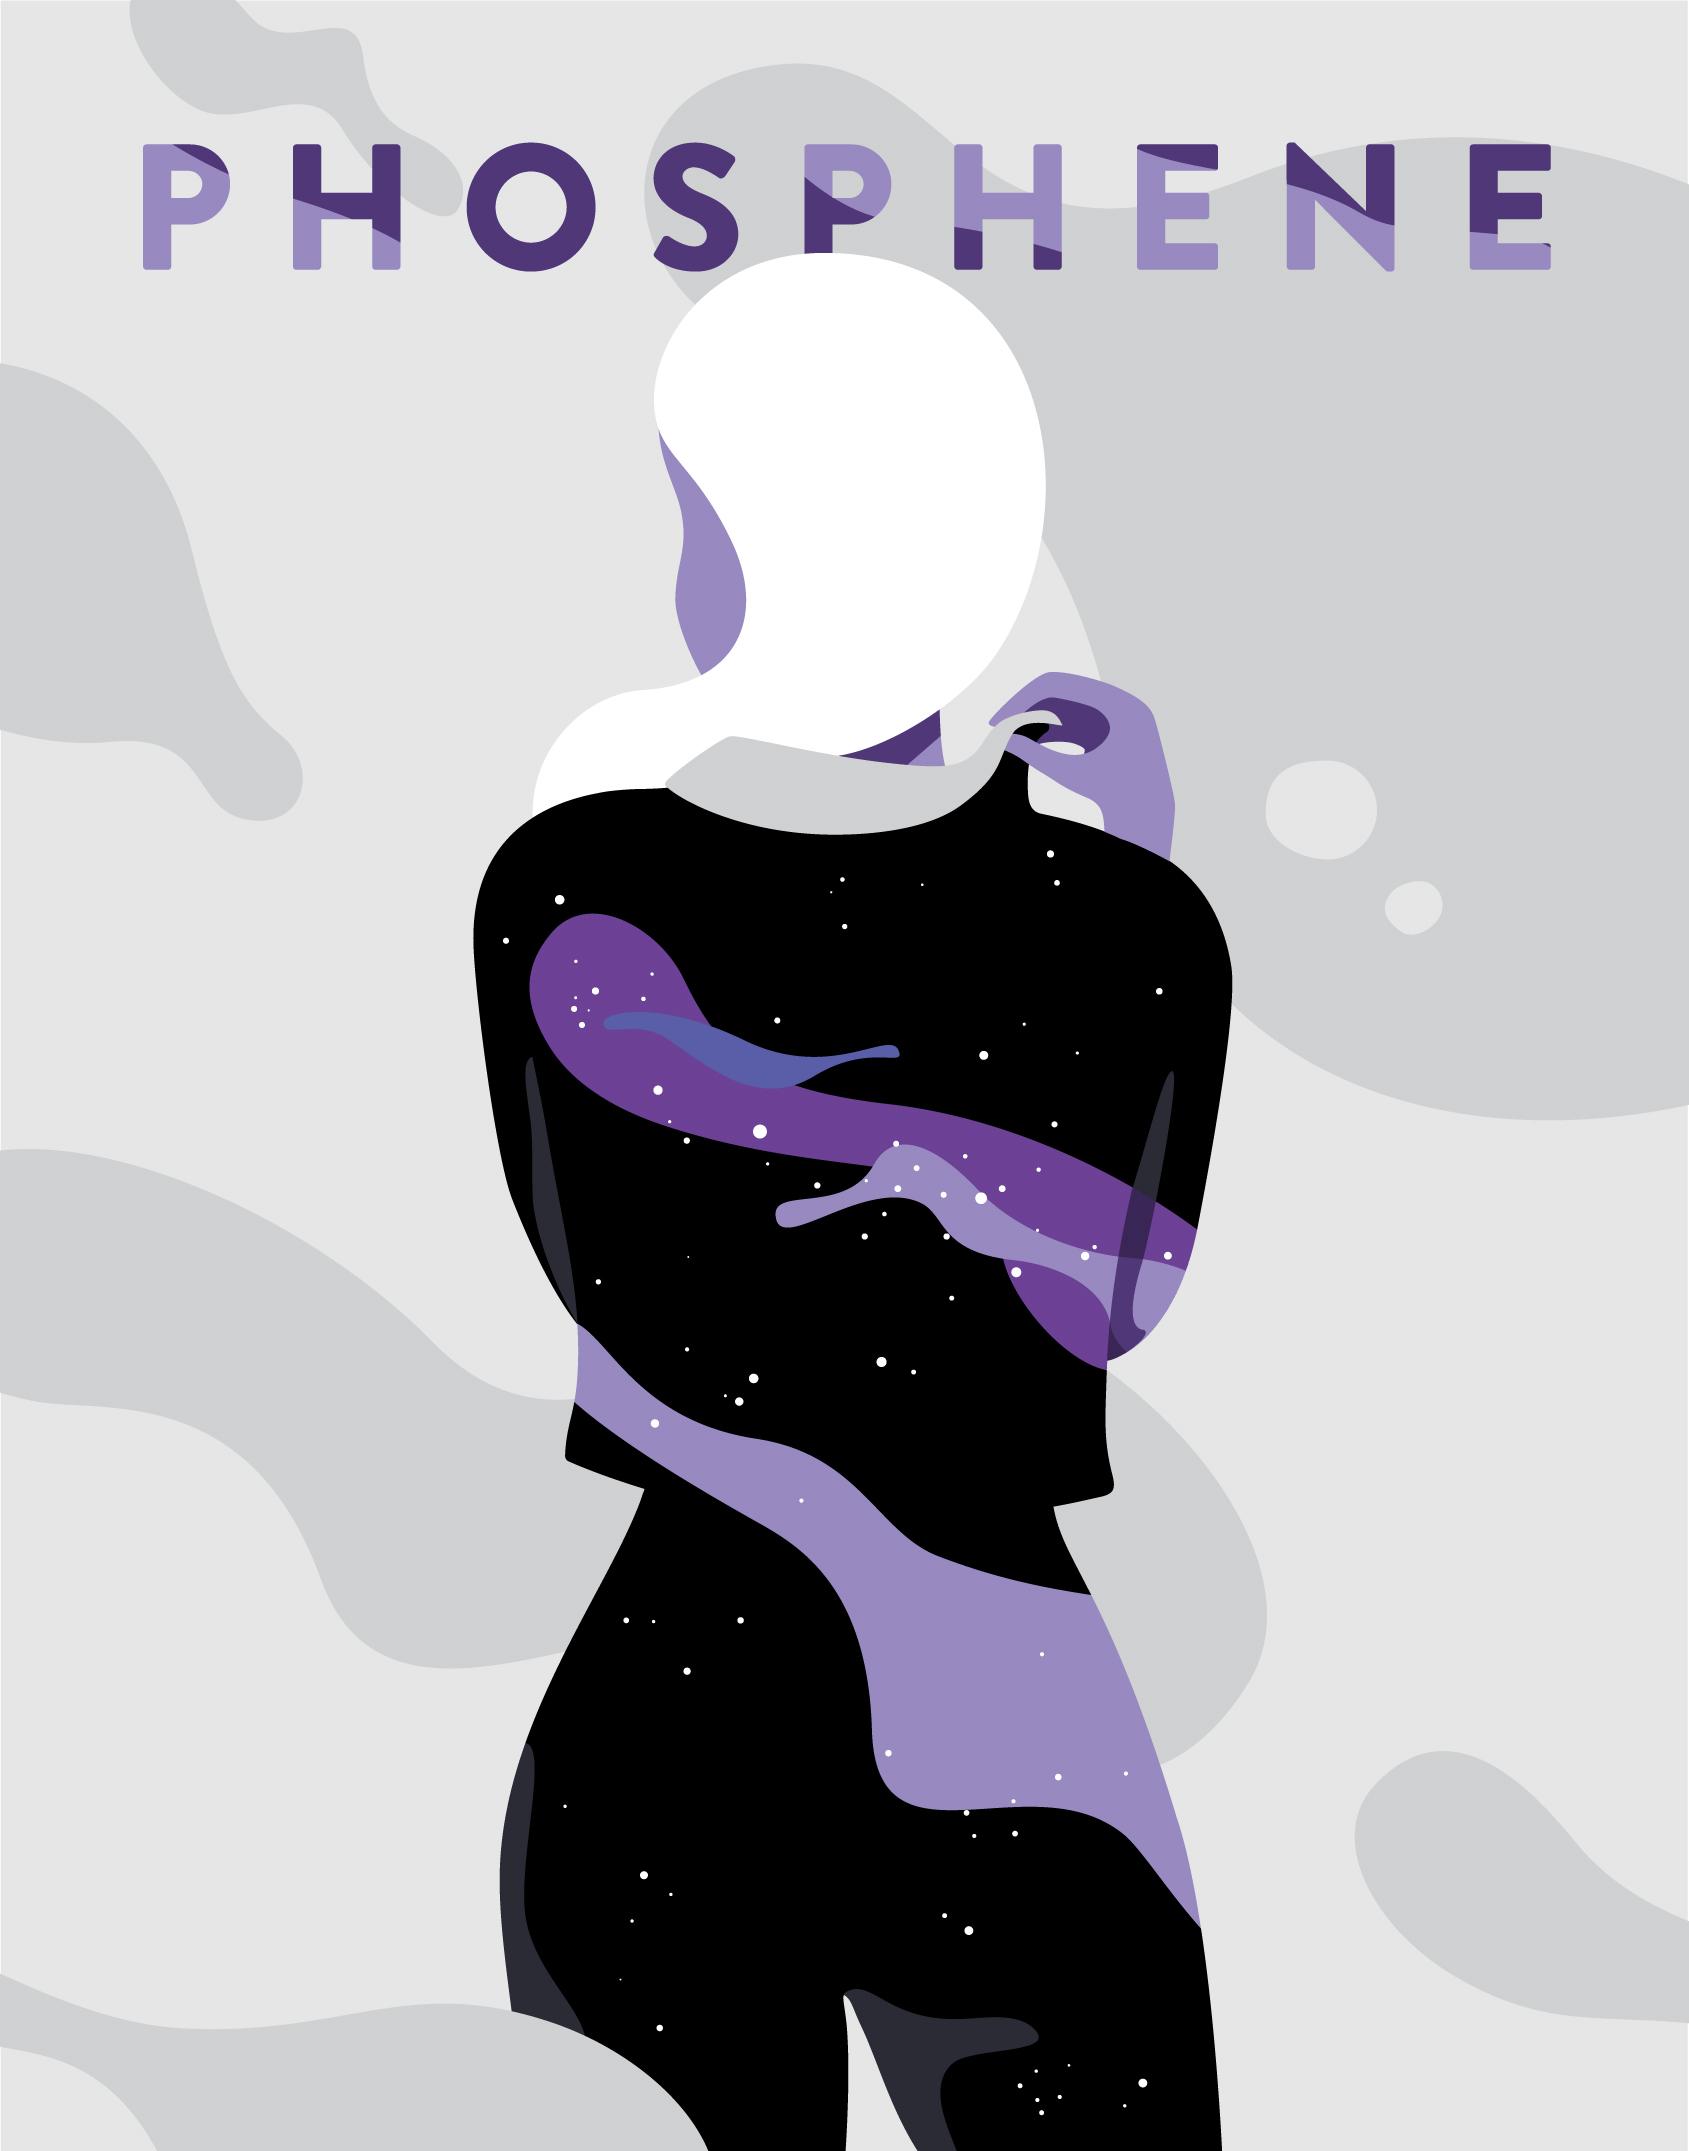 Phosphene_SpaceBae-01.jpg